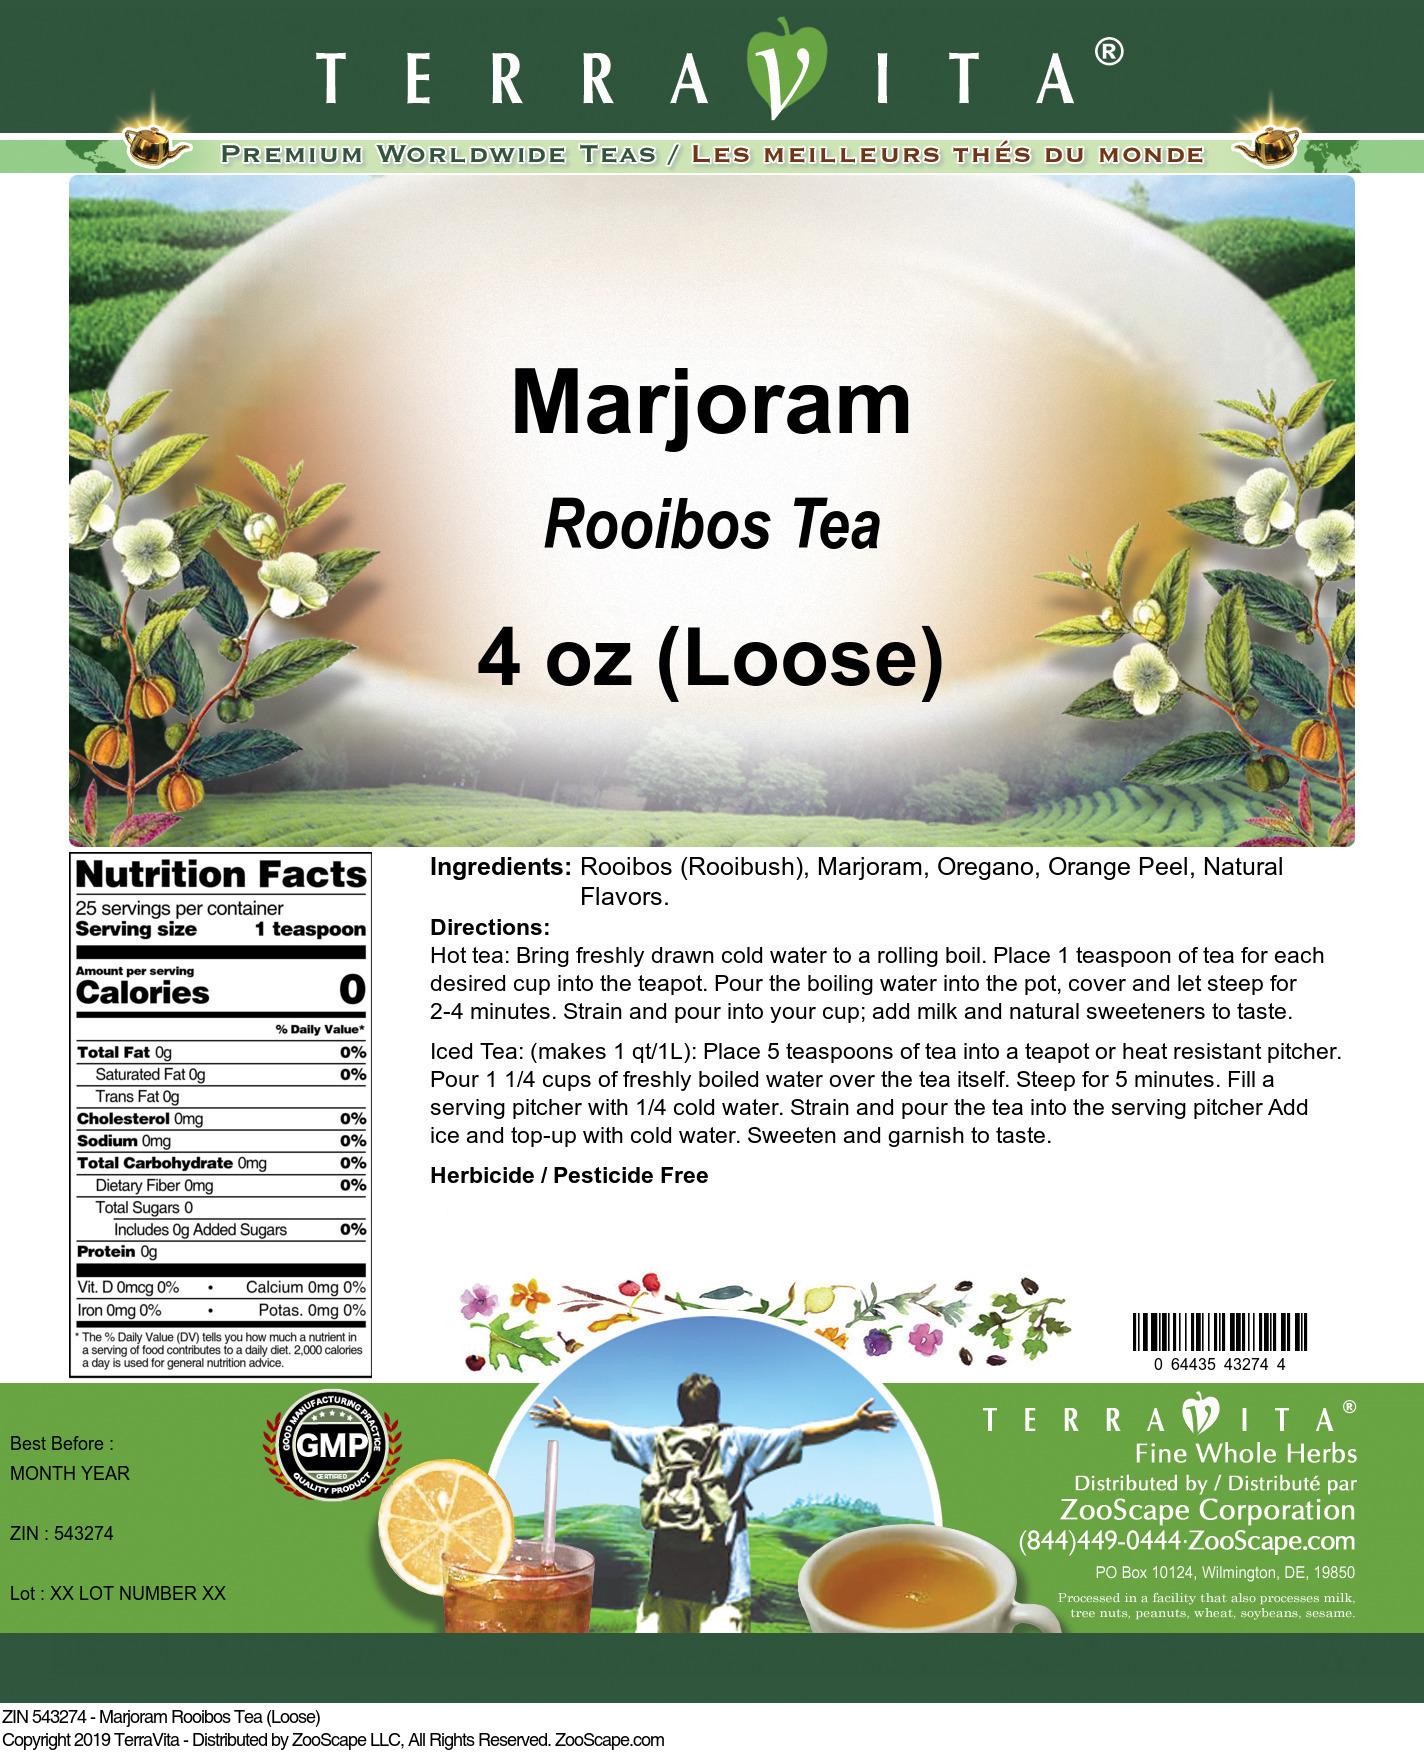 Marjoram Rooibos Tea (Loose)